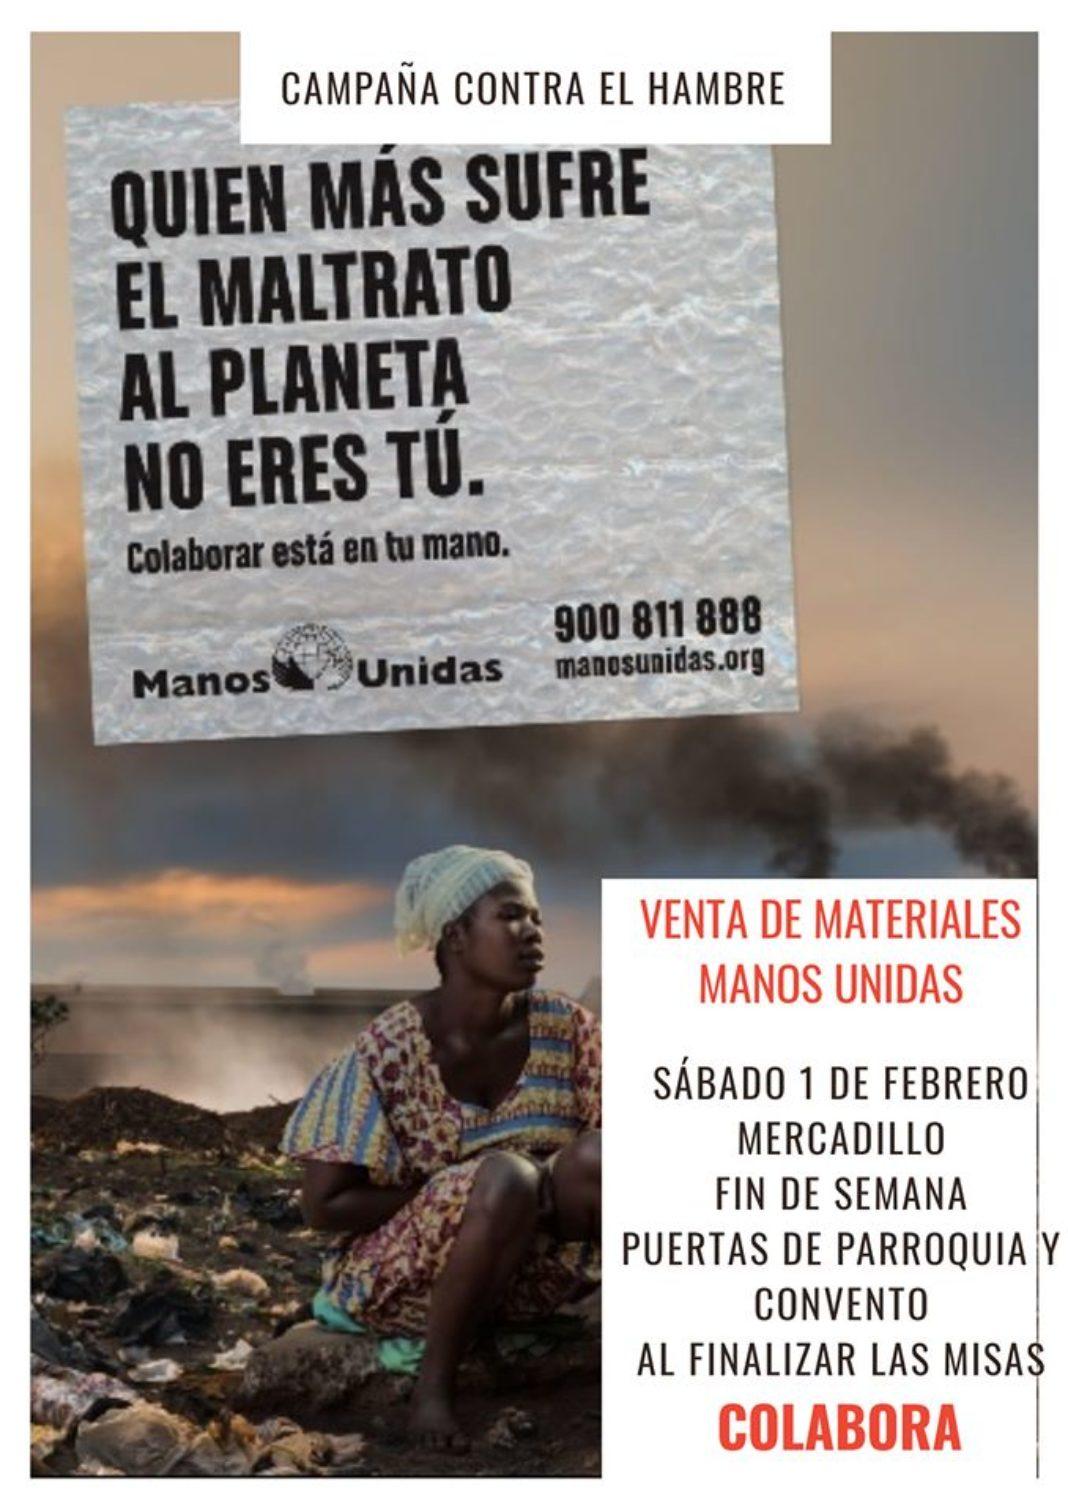 campaña de manos unidas Herencia 1068x1512 - Inicio de la Campaña Contra el Hambre de Manos Unidas en Herencia